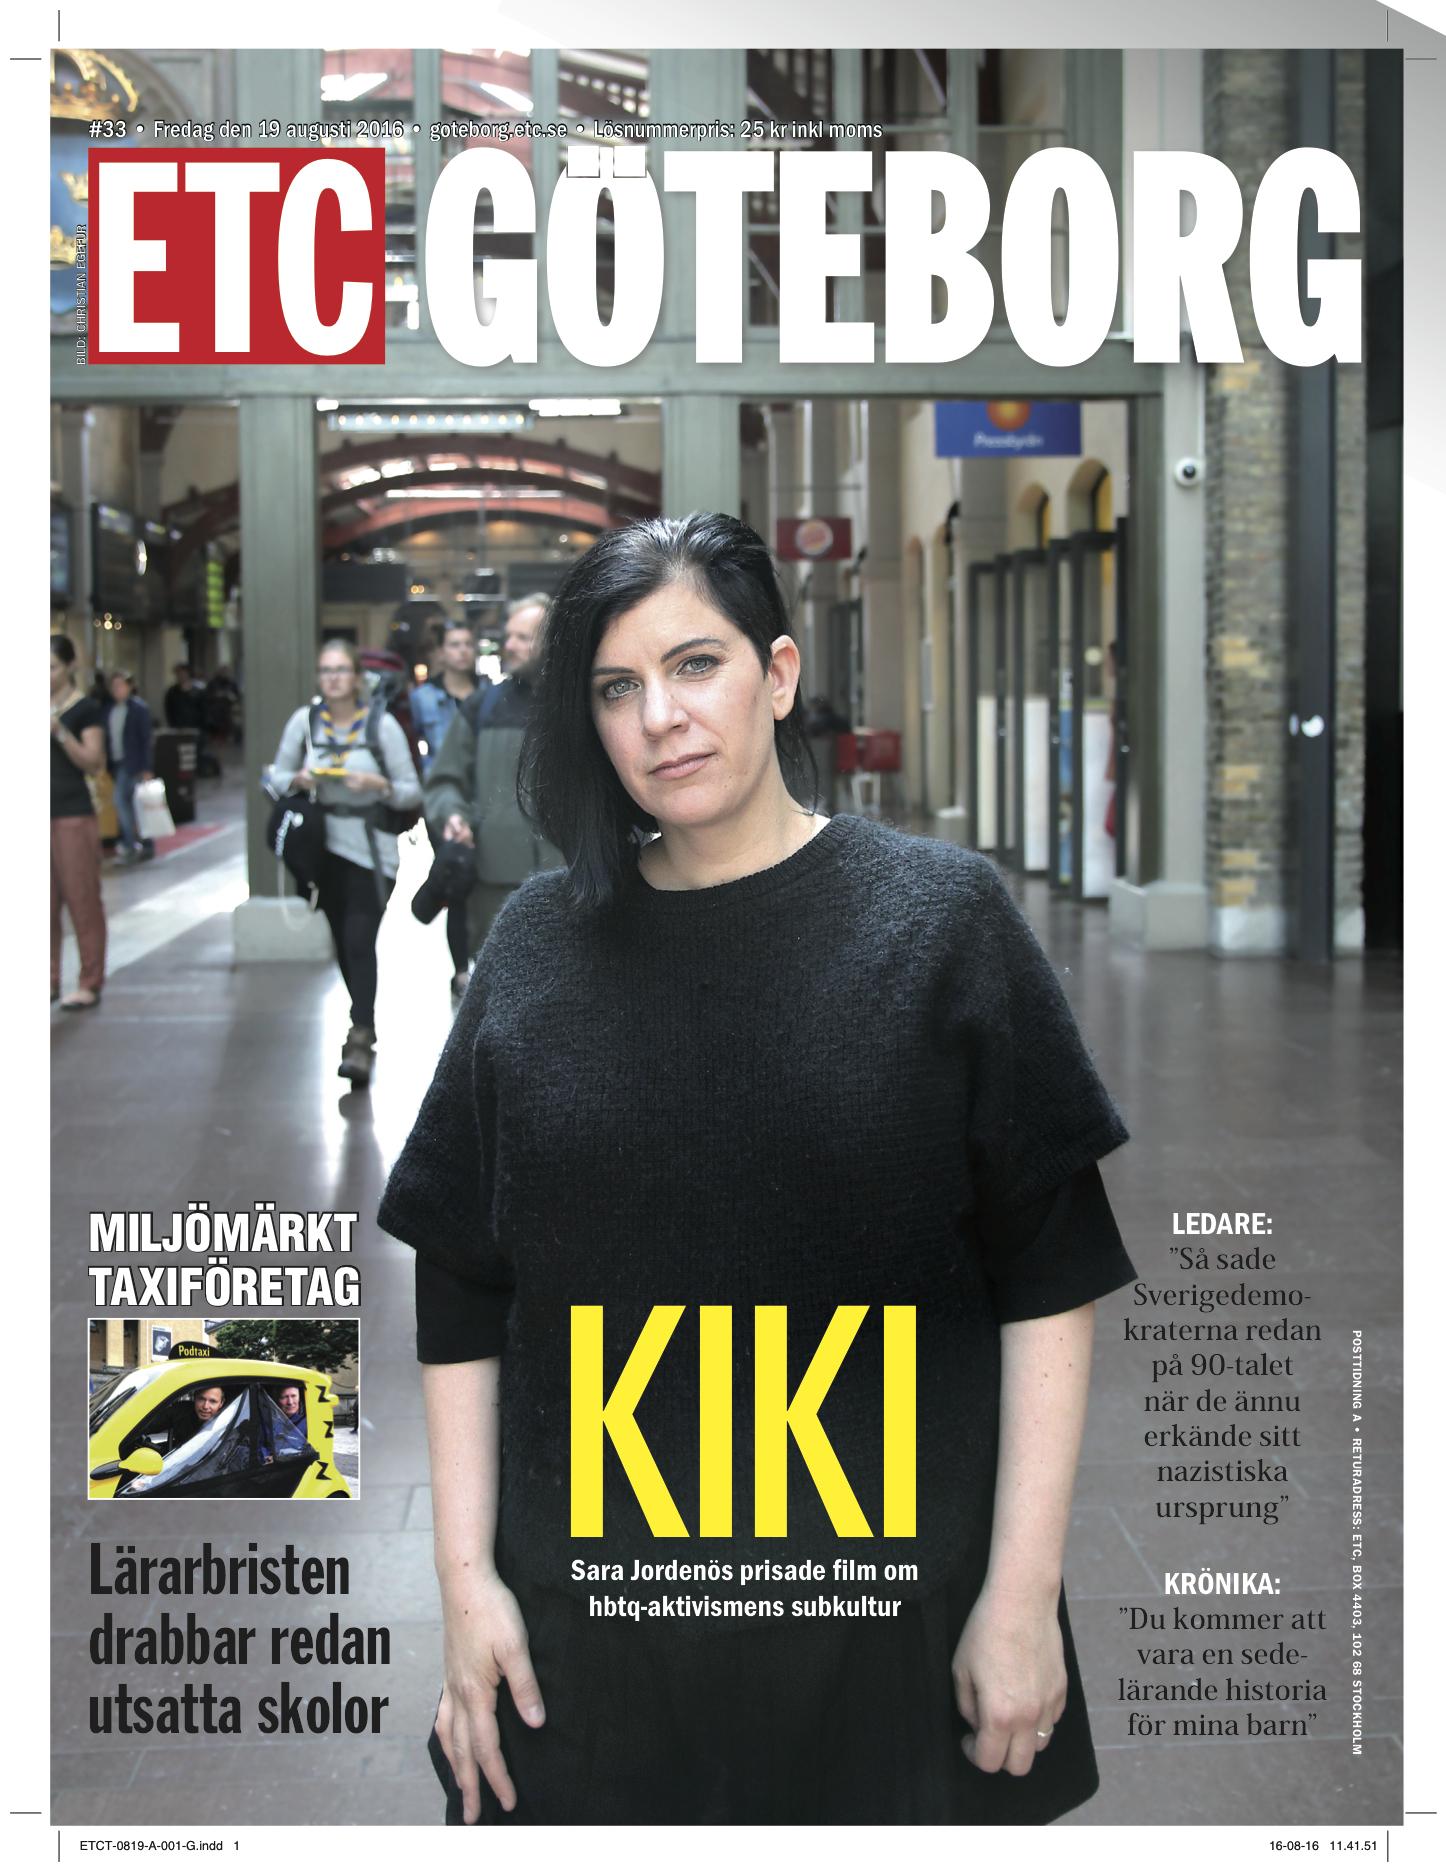 ETC-omslag KIKI.jpg